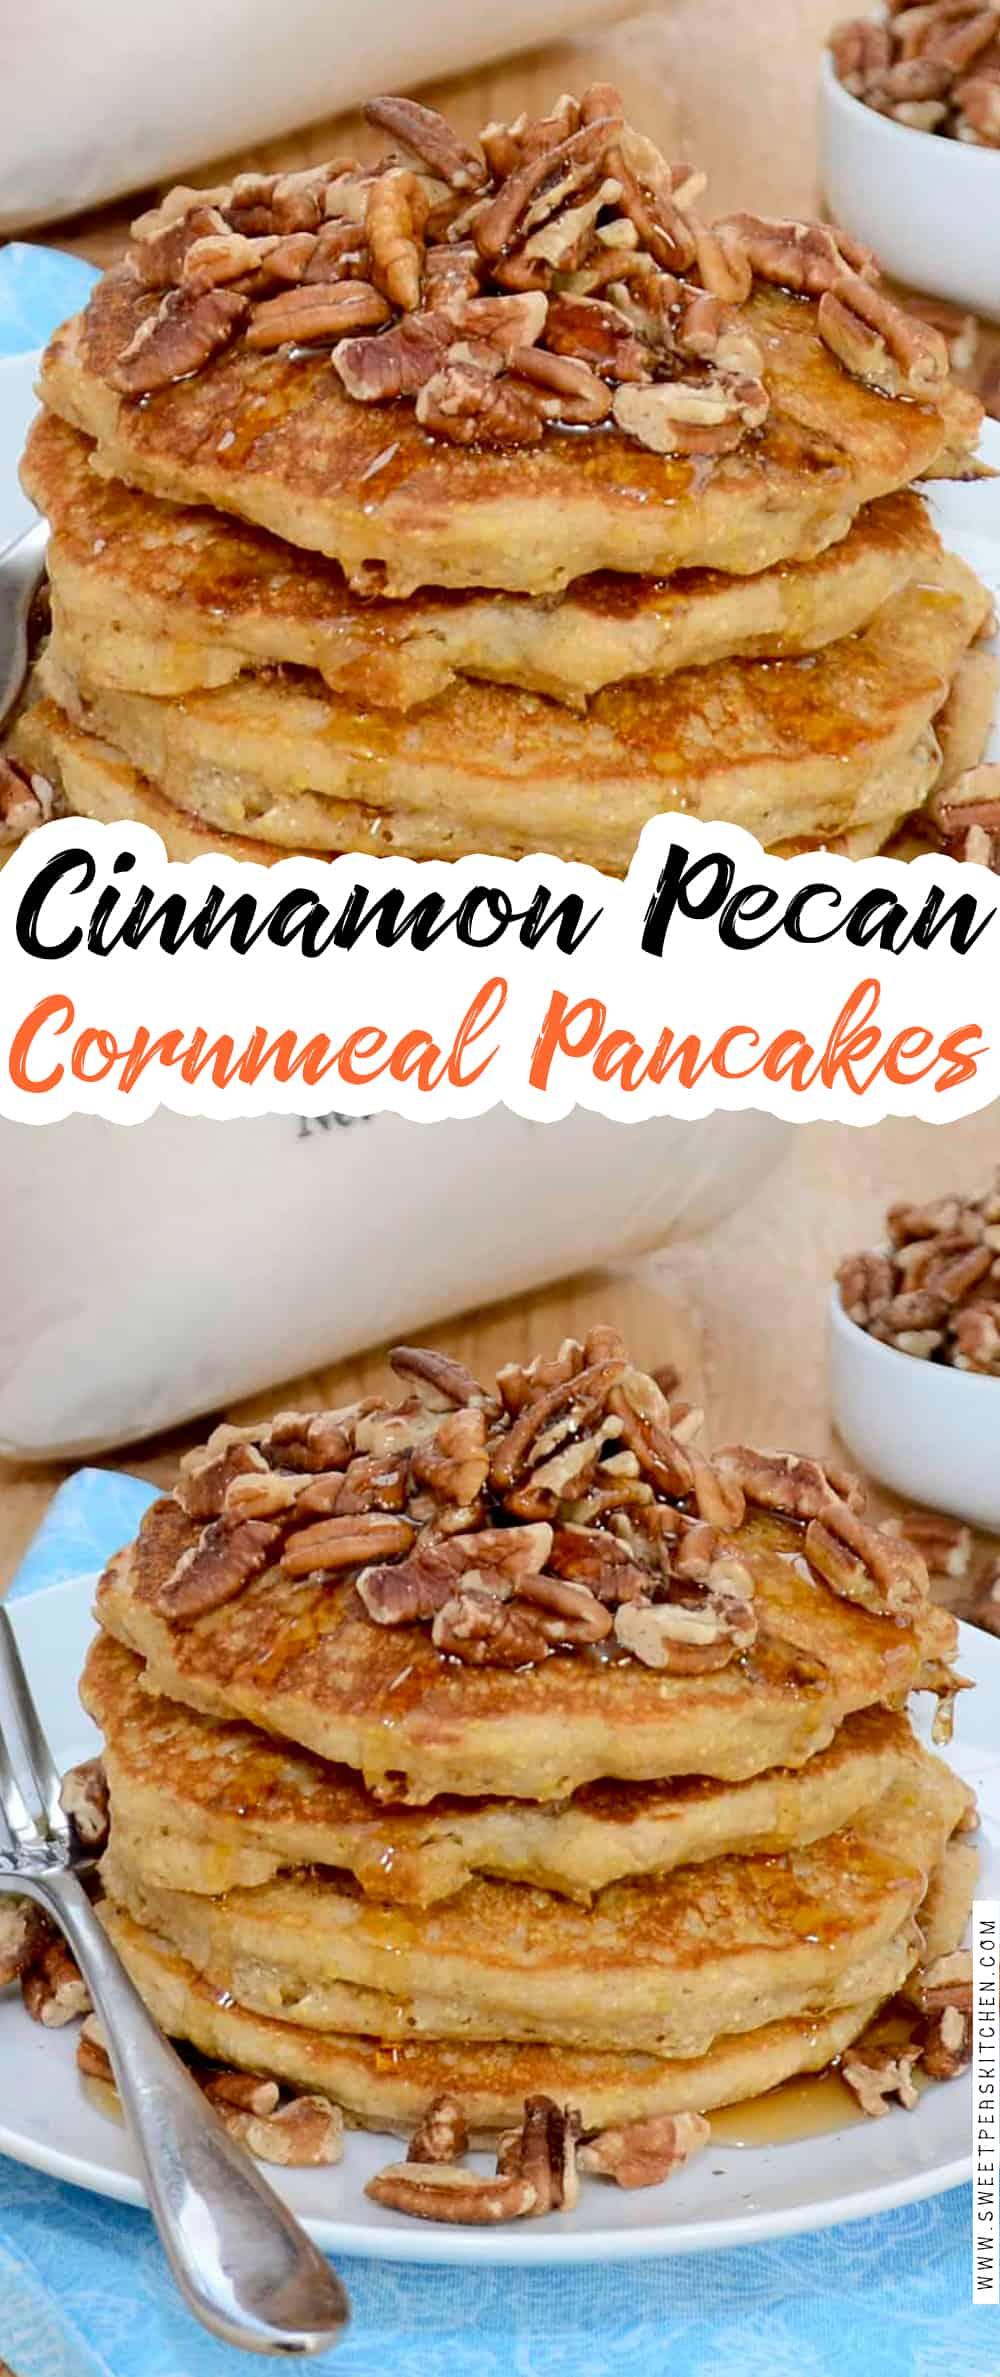 Cinnamon Pecan Cornmeal Pancakes